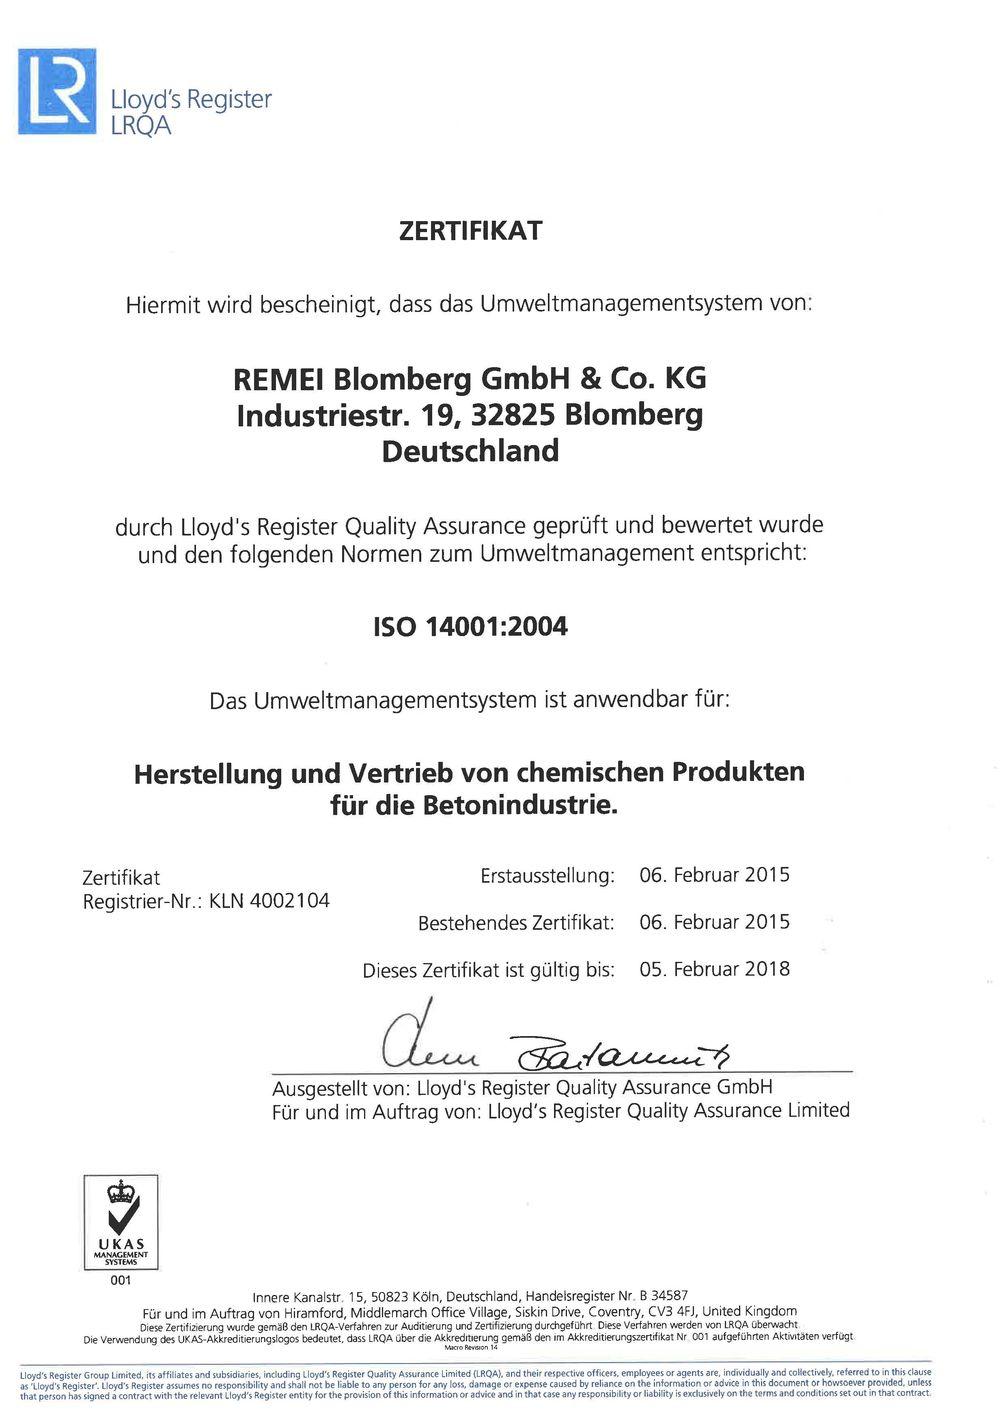 ISO 14001:2004 Zertifikat